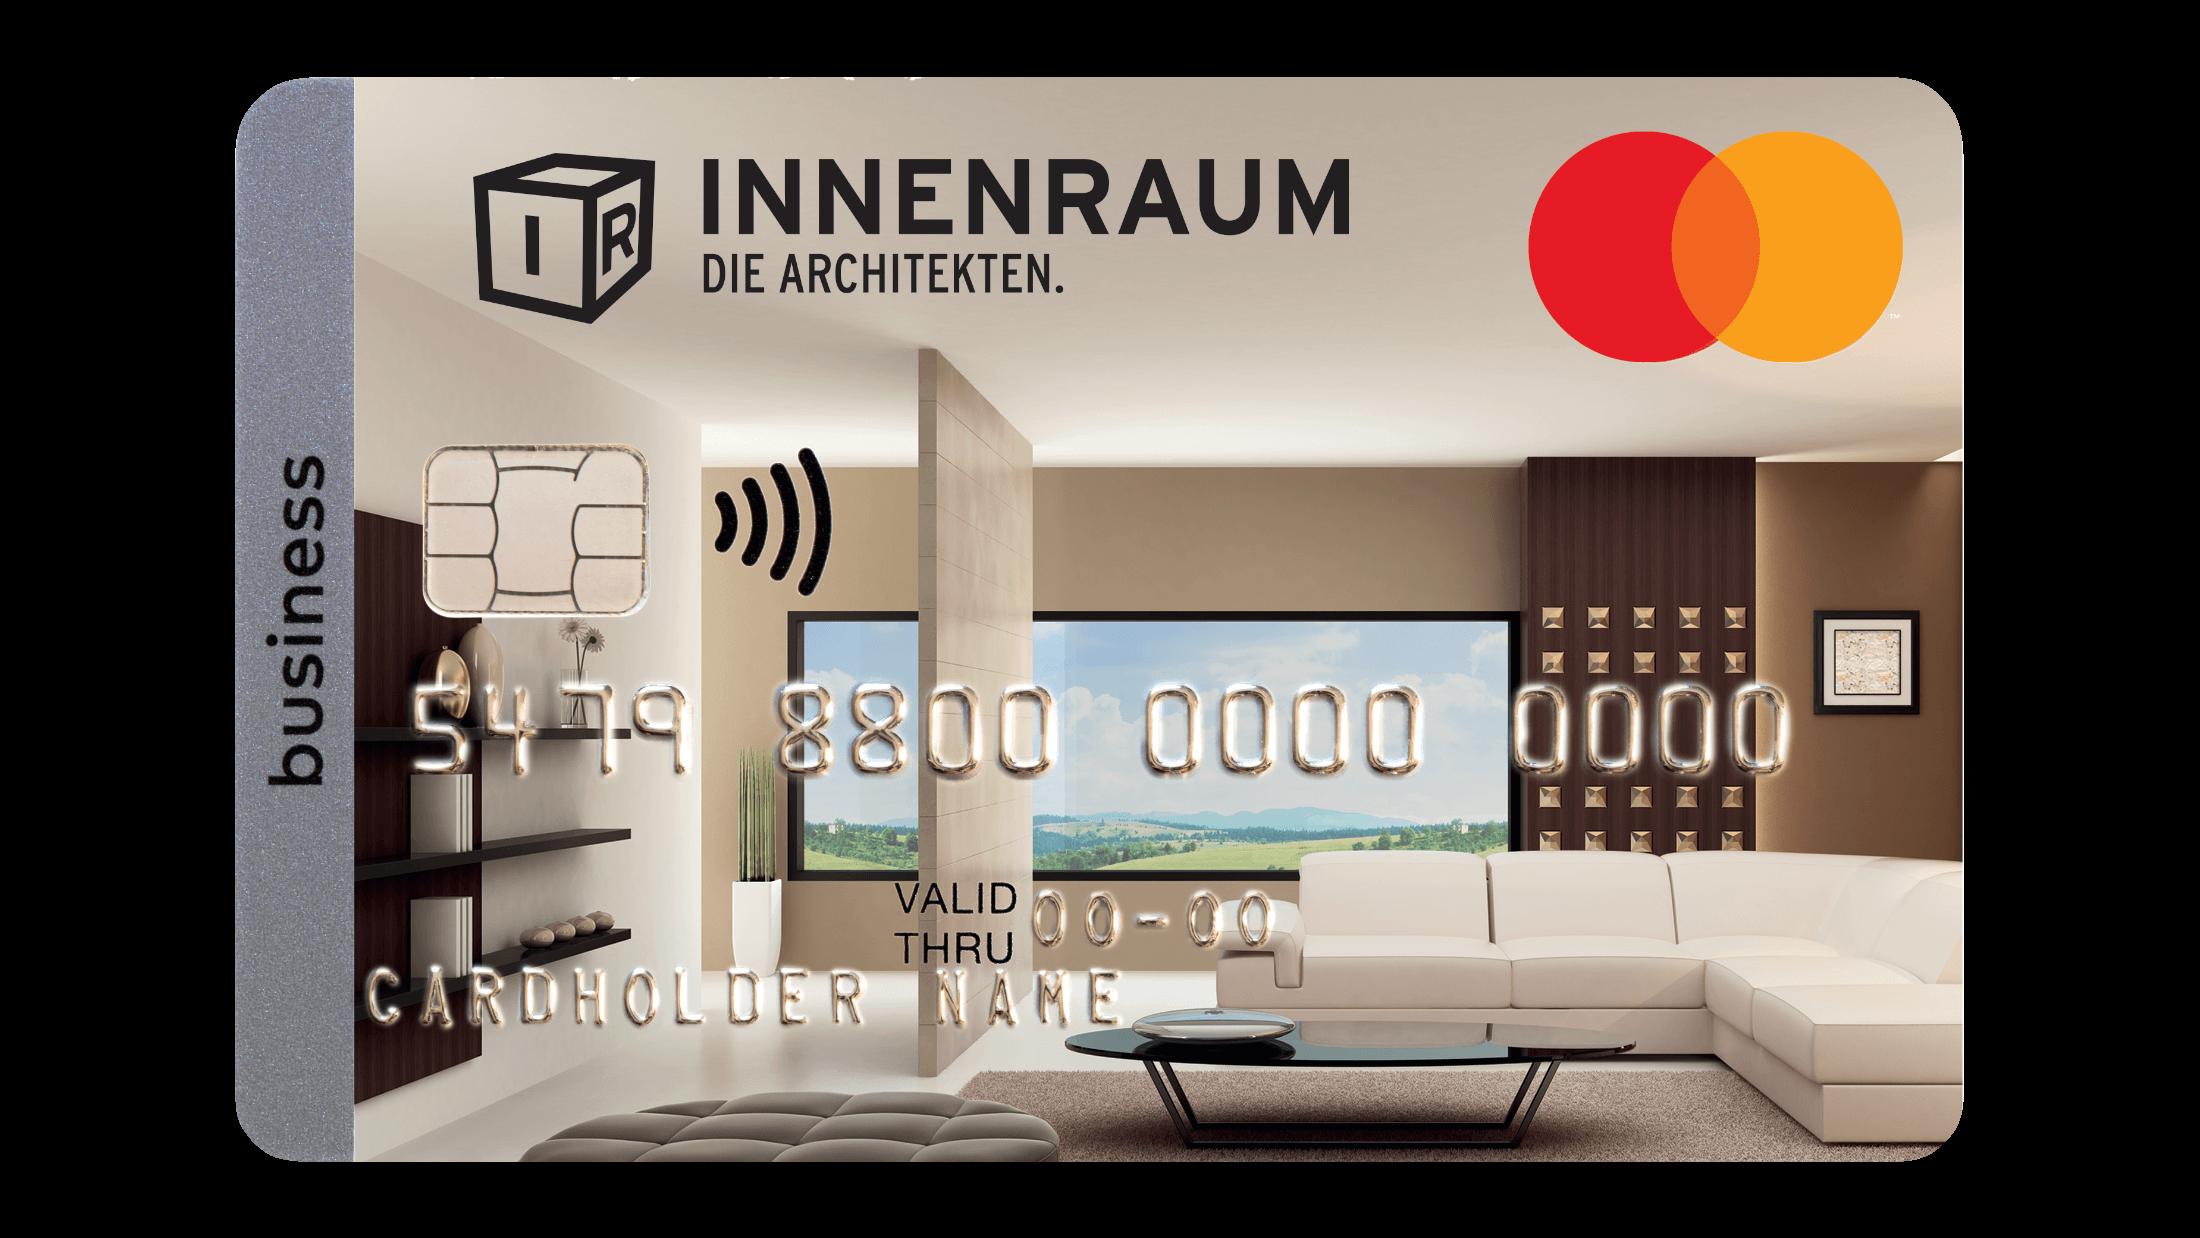 firmenkreditkarte viseca ist der richtige partner viseca card services. Black Bedroom Furniture Sets. Home Design Ideas